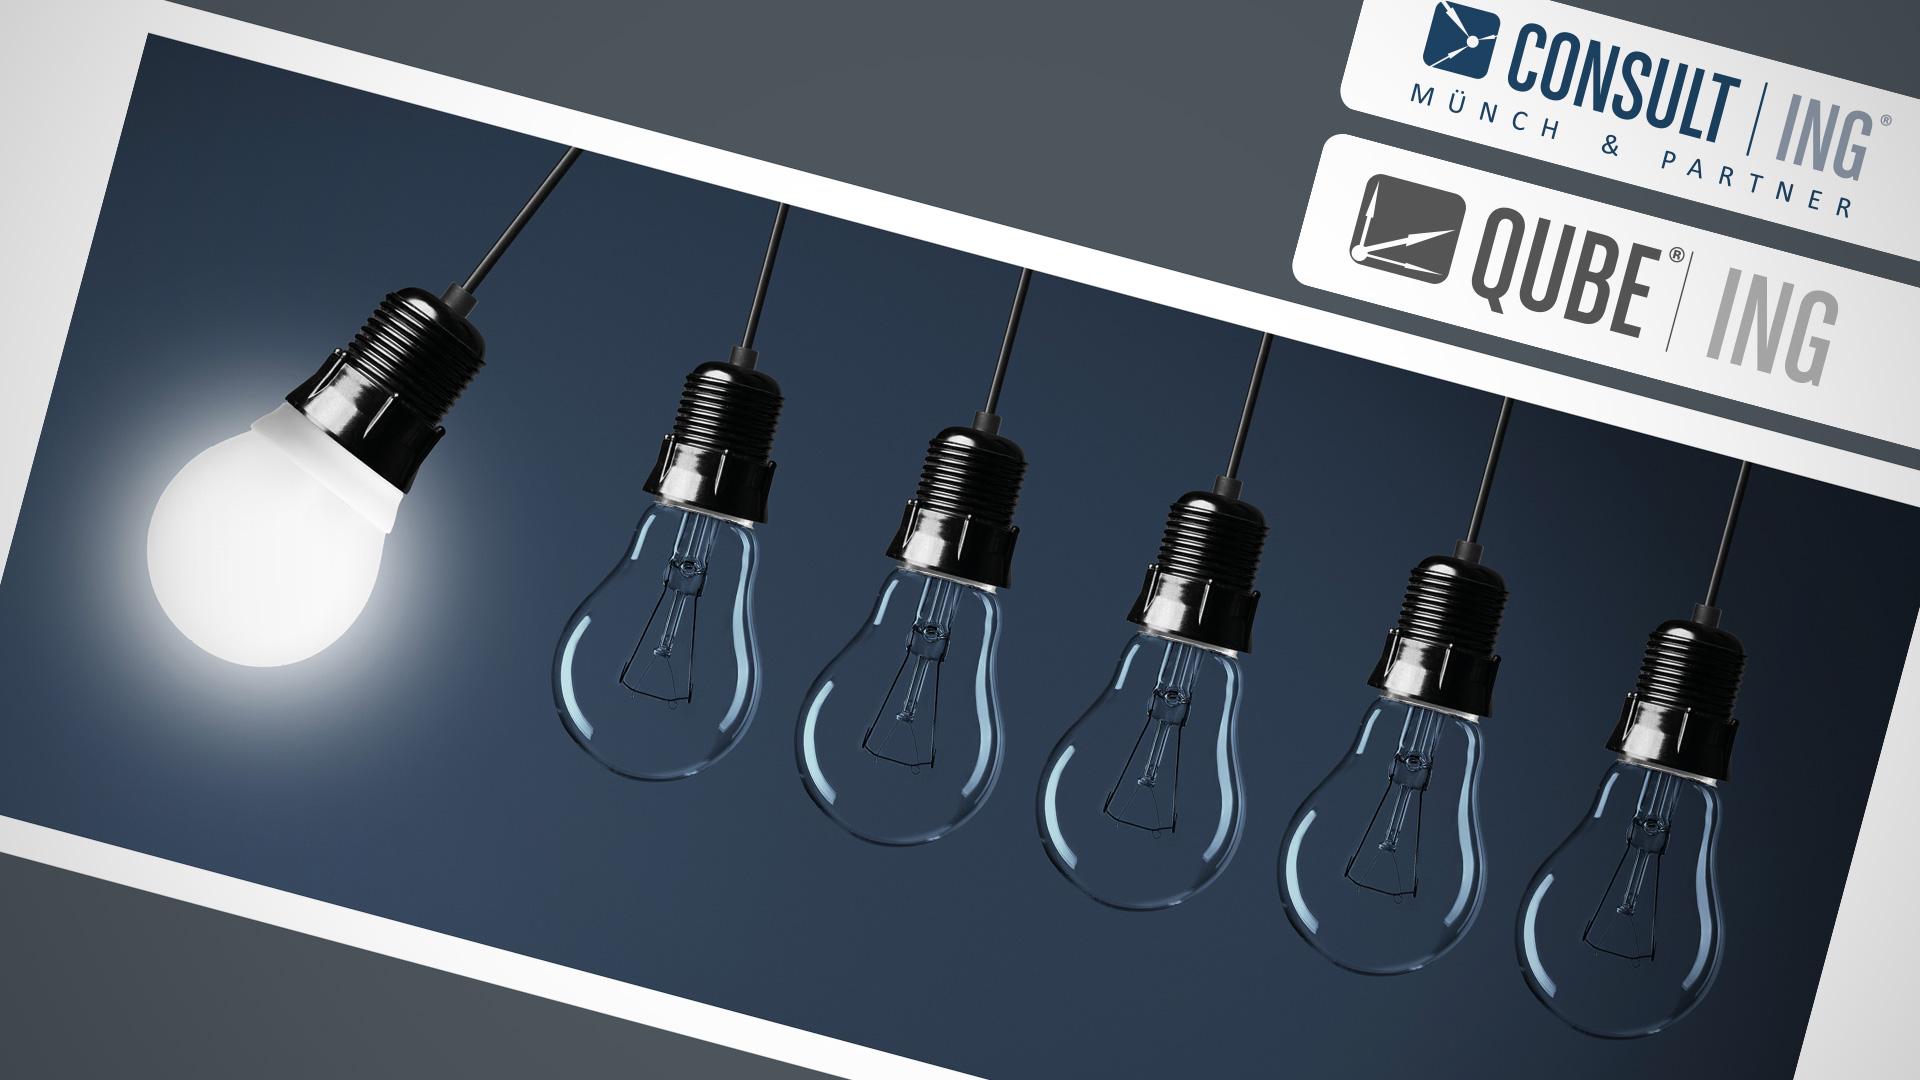 Consult|ING - QUBE|ING - Flyer, Broschüren und Rollups - Header